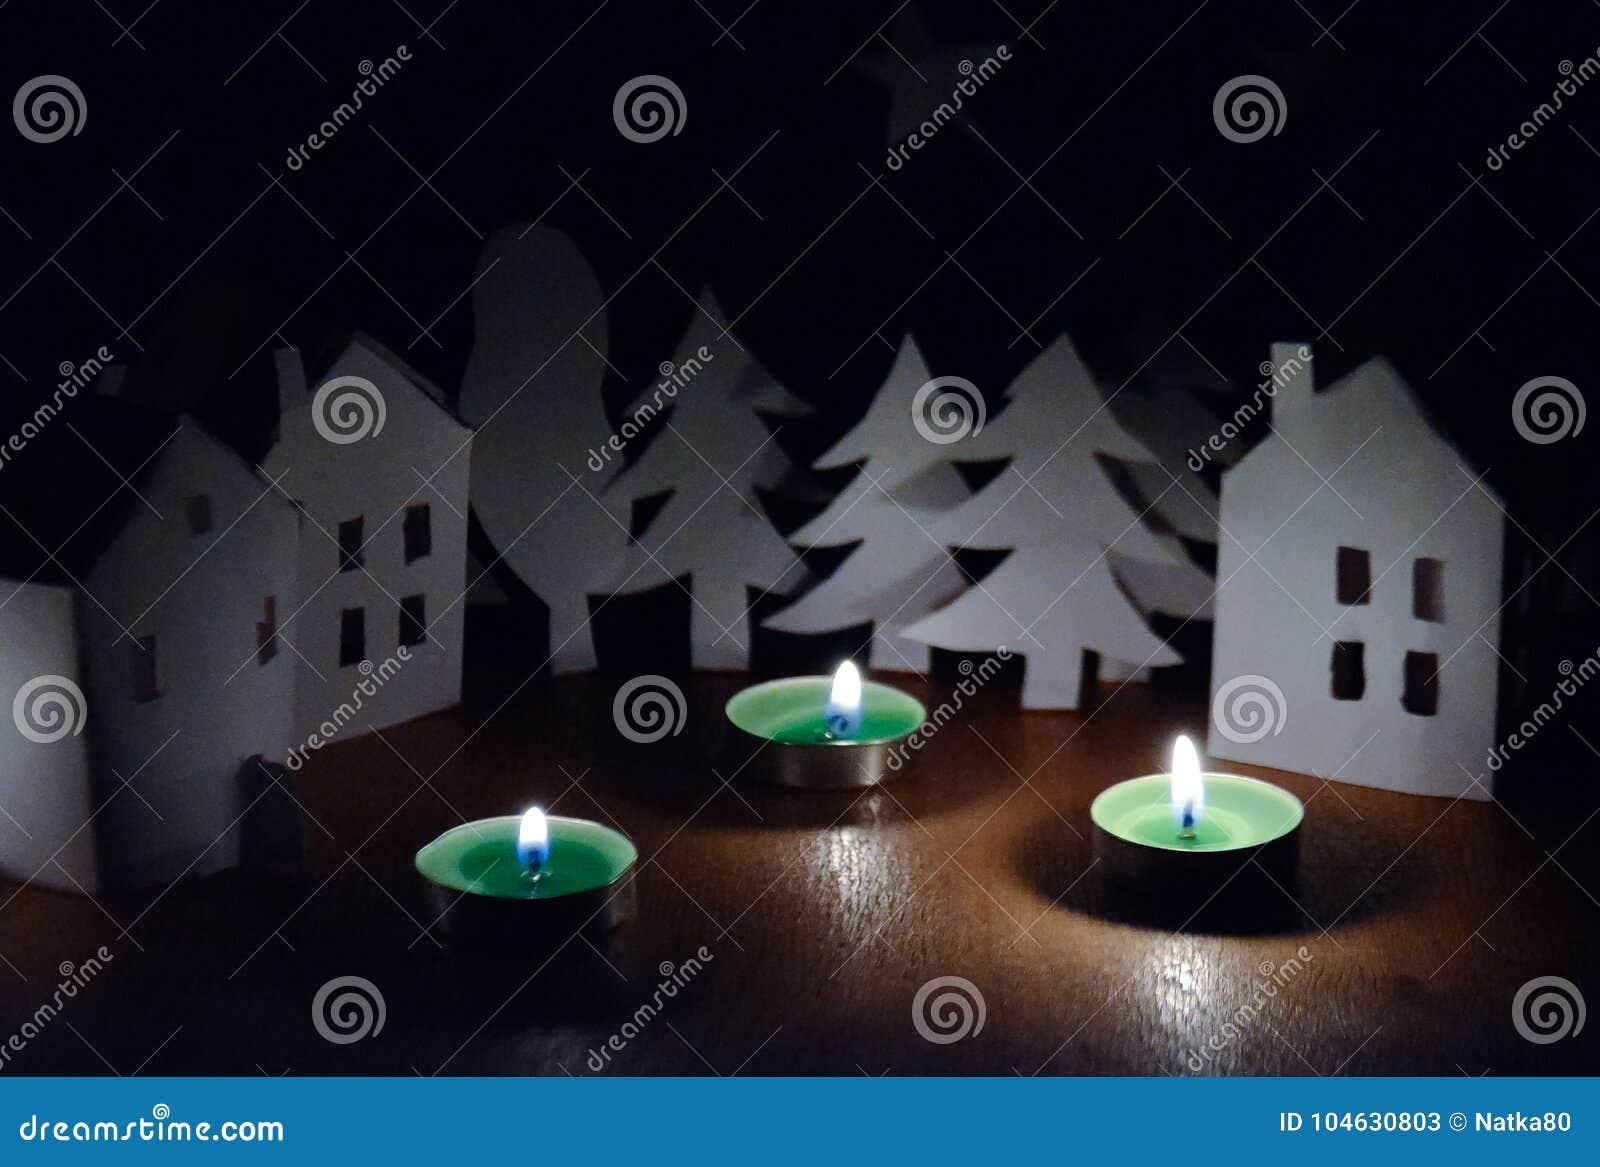 Download Huizen En Bomen Naast De Kaarsen Stock Afbeelding - Afbeelding bestaande uit foto, vakantie: 104630803